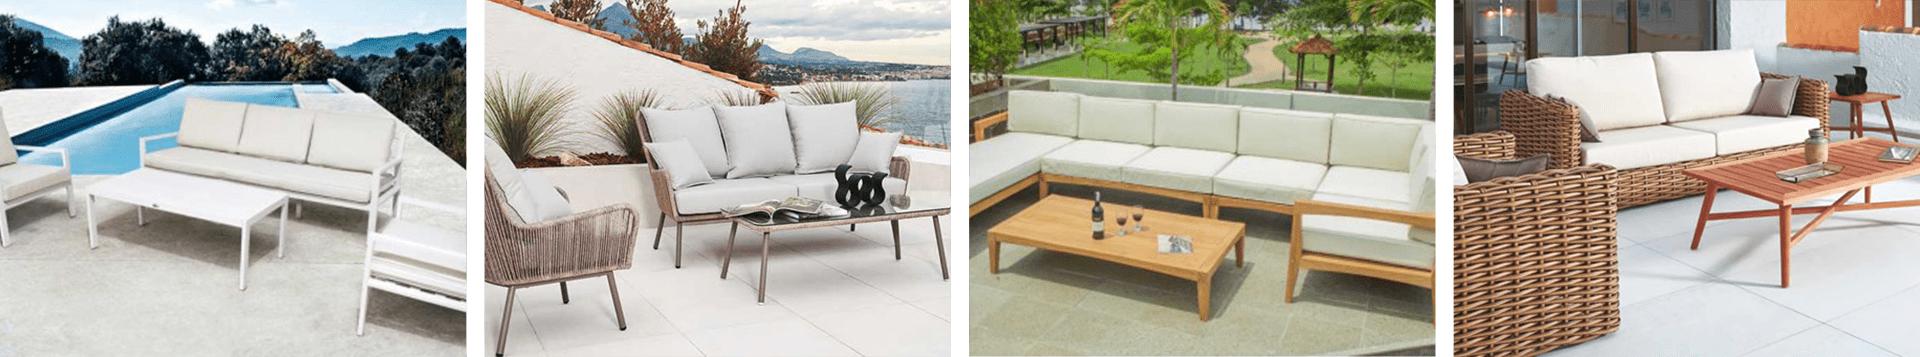 outdoor sofas estepona